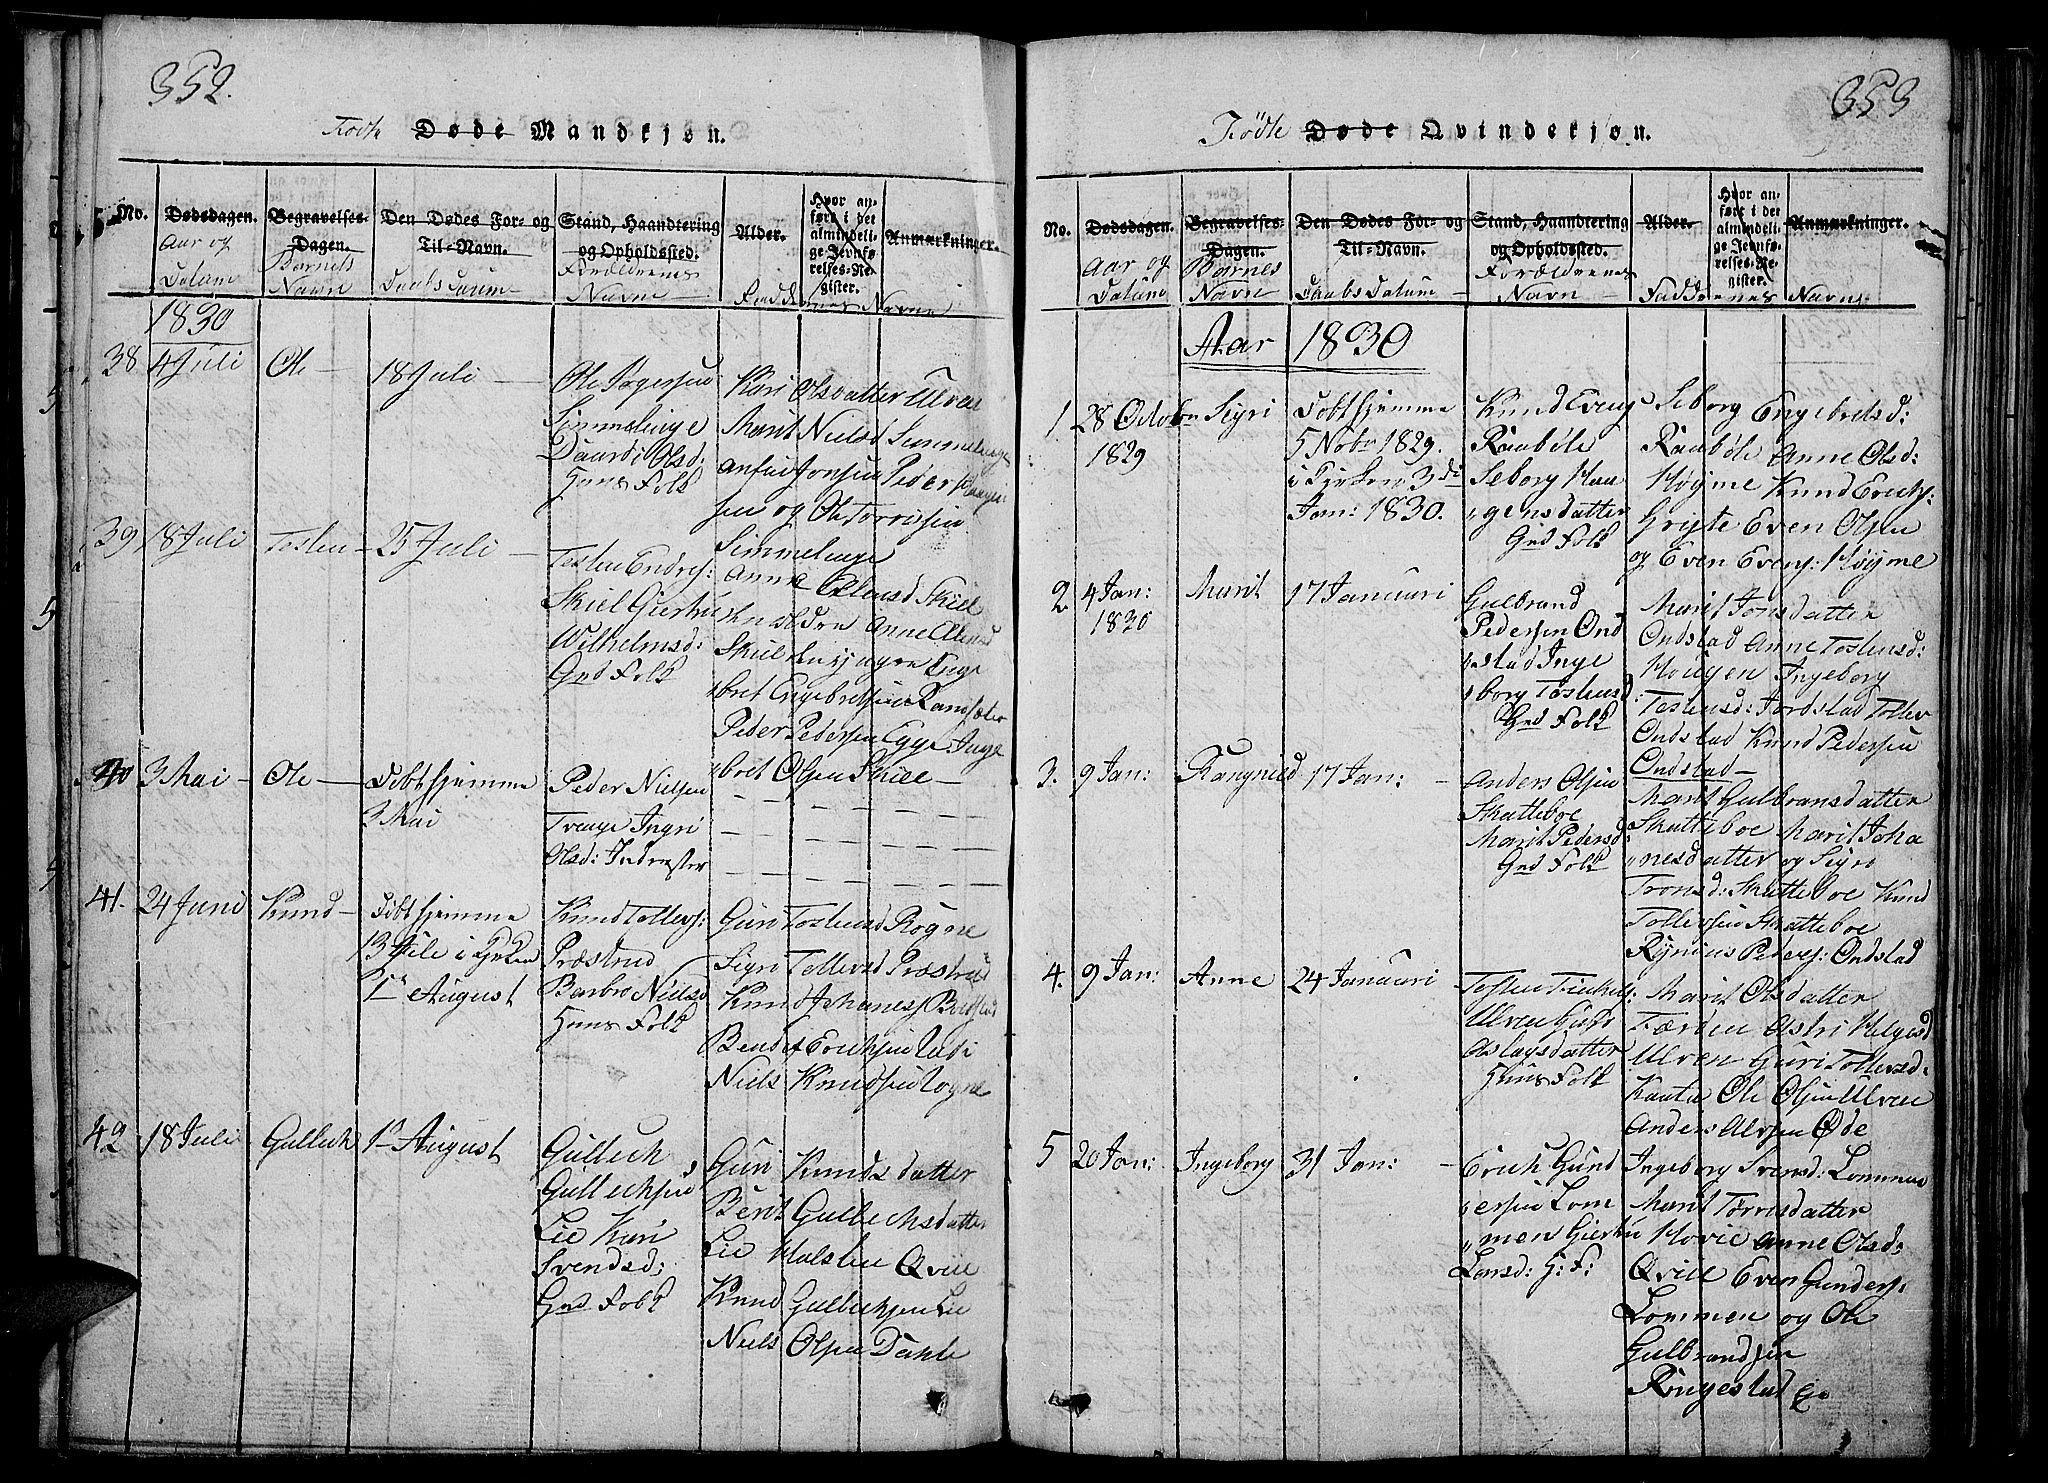 SAH, Slidre prestekontor, Ministerialbok nr. 2, 1814-1830, s. 352-353